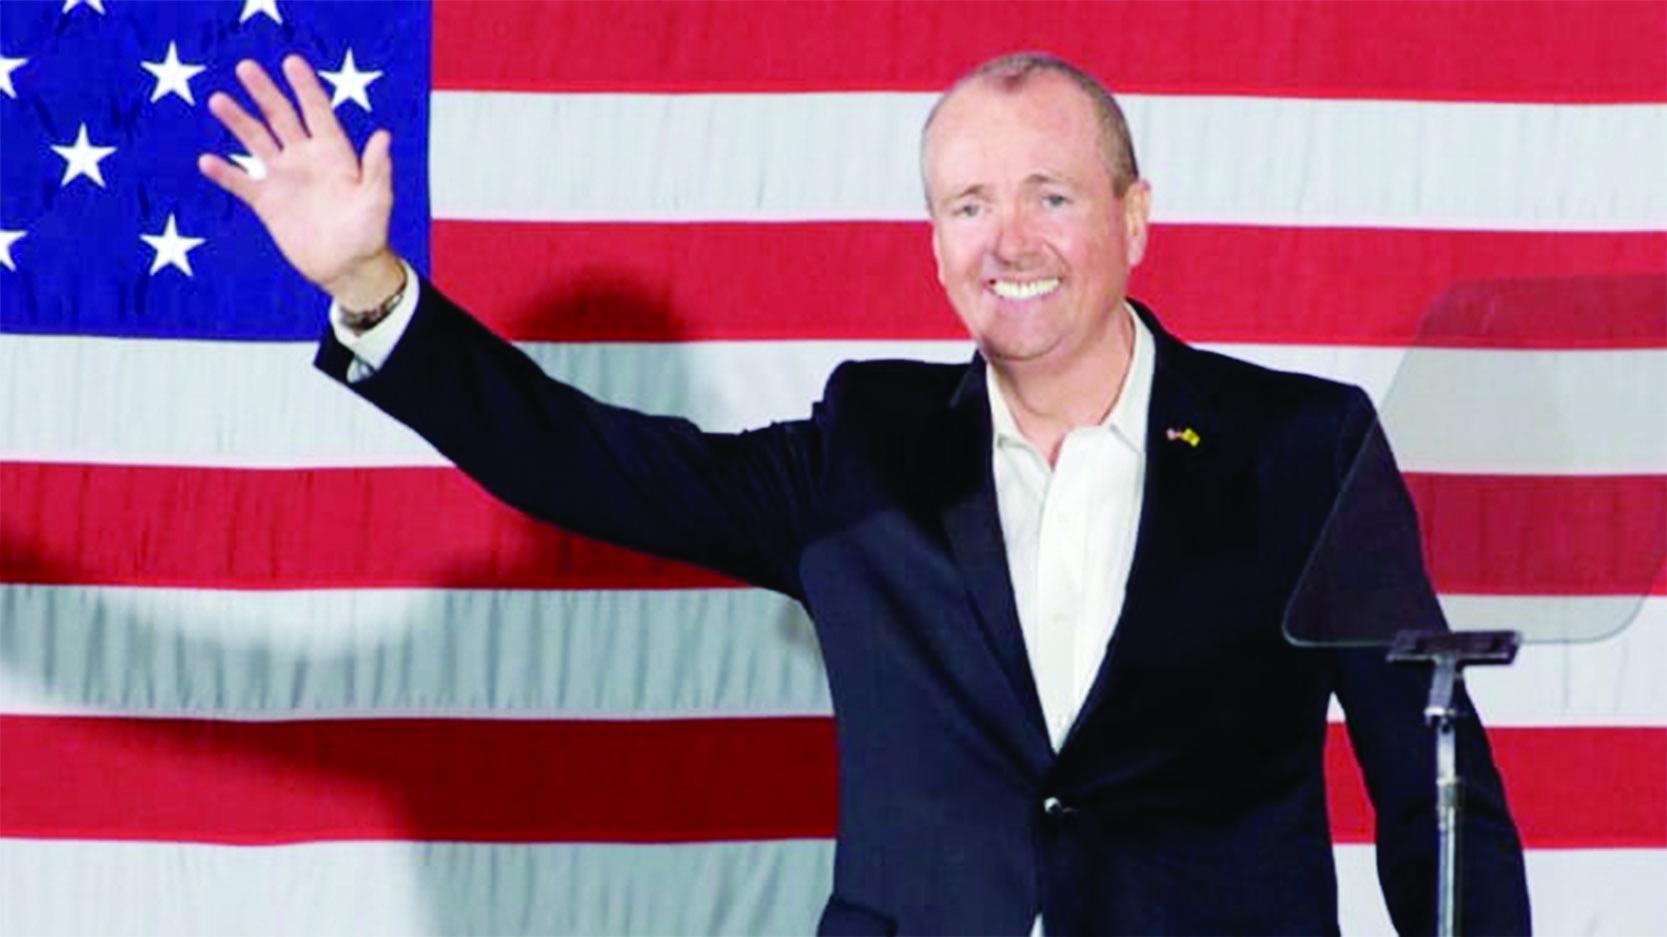 capa5 NJ: Eleições podem adiar votação de carteira para indocumentados